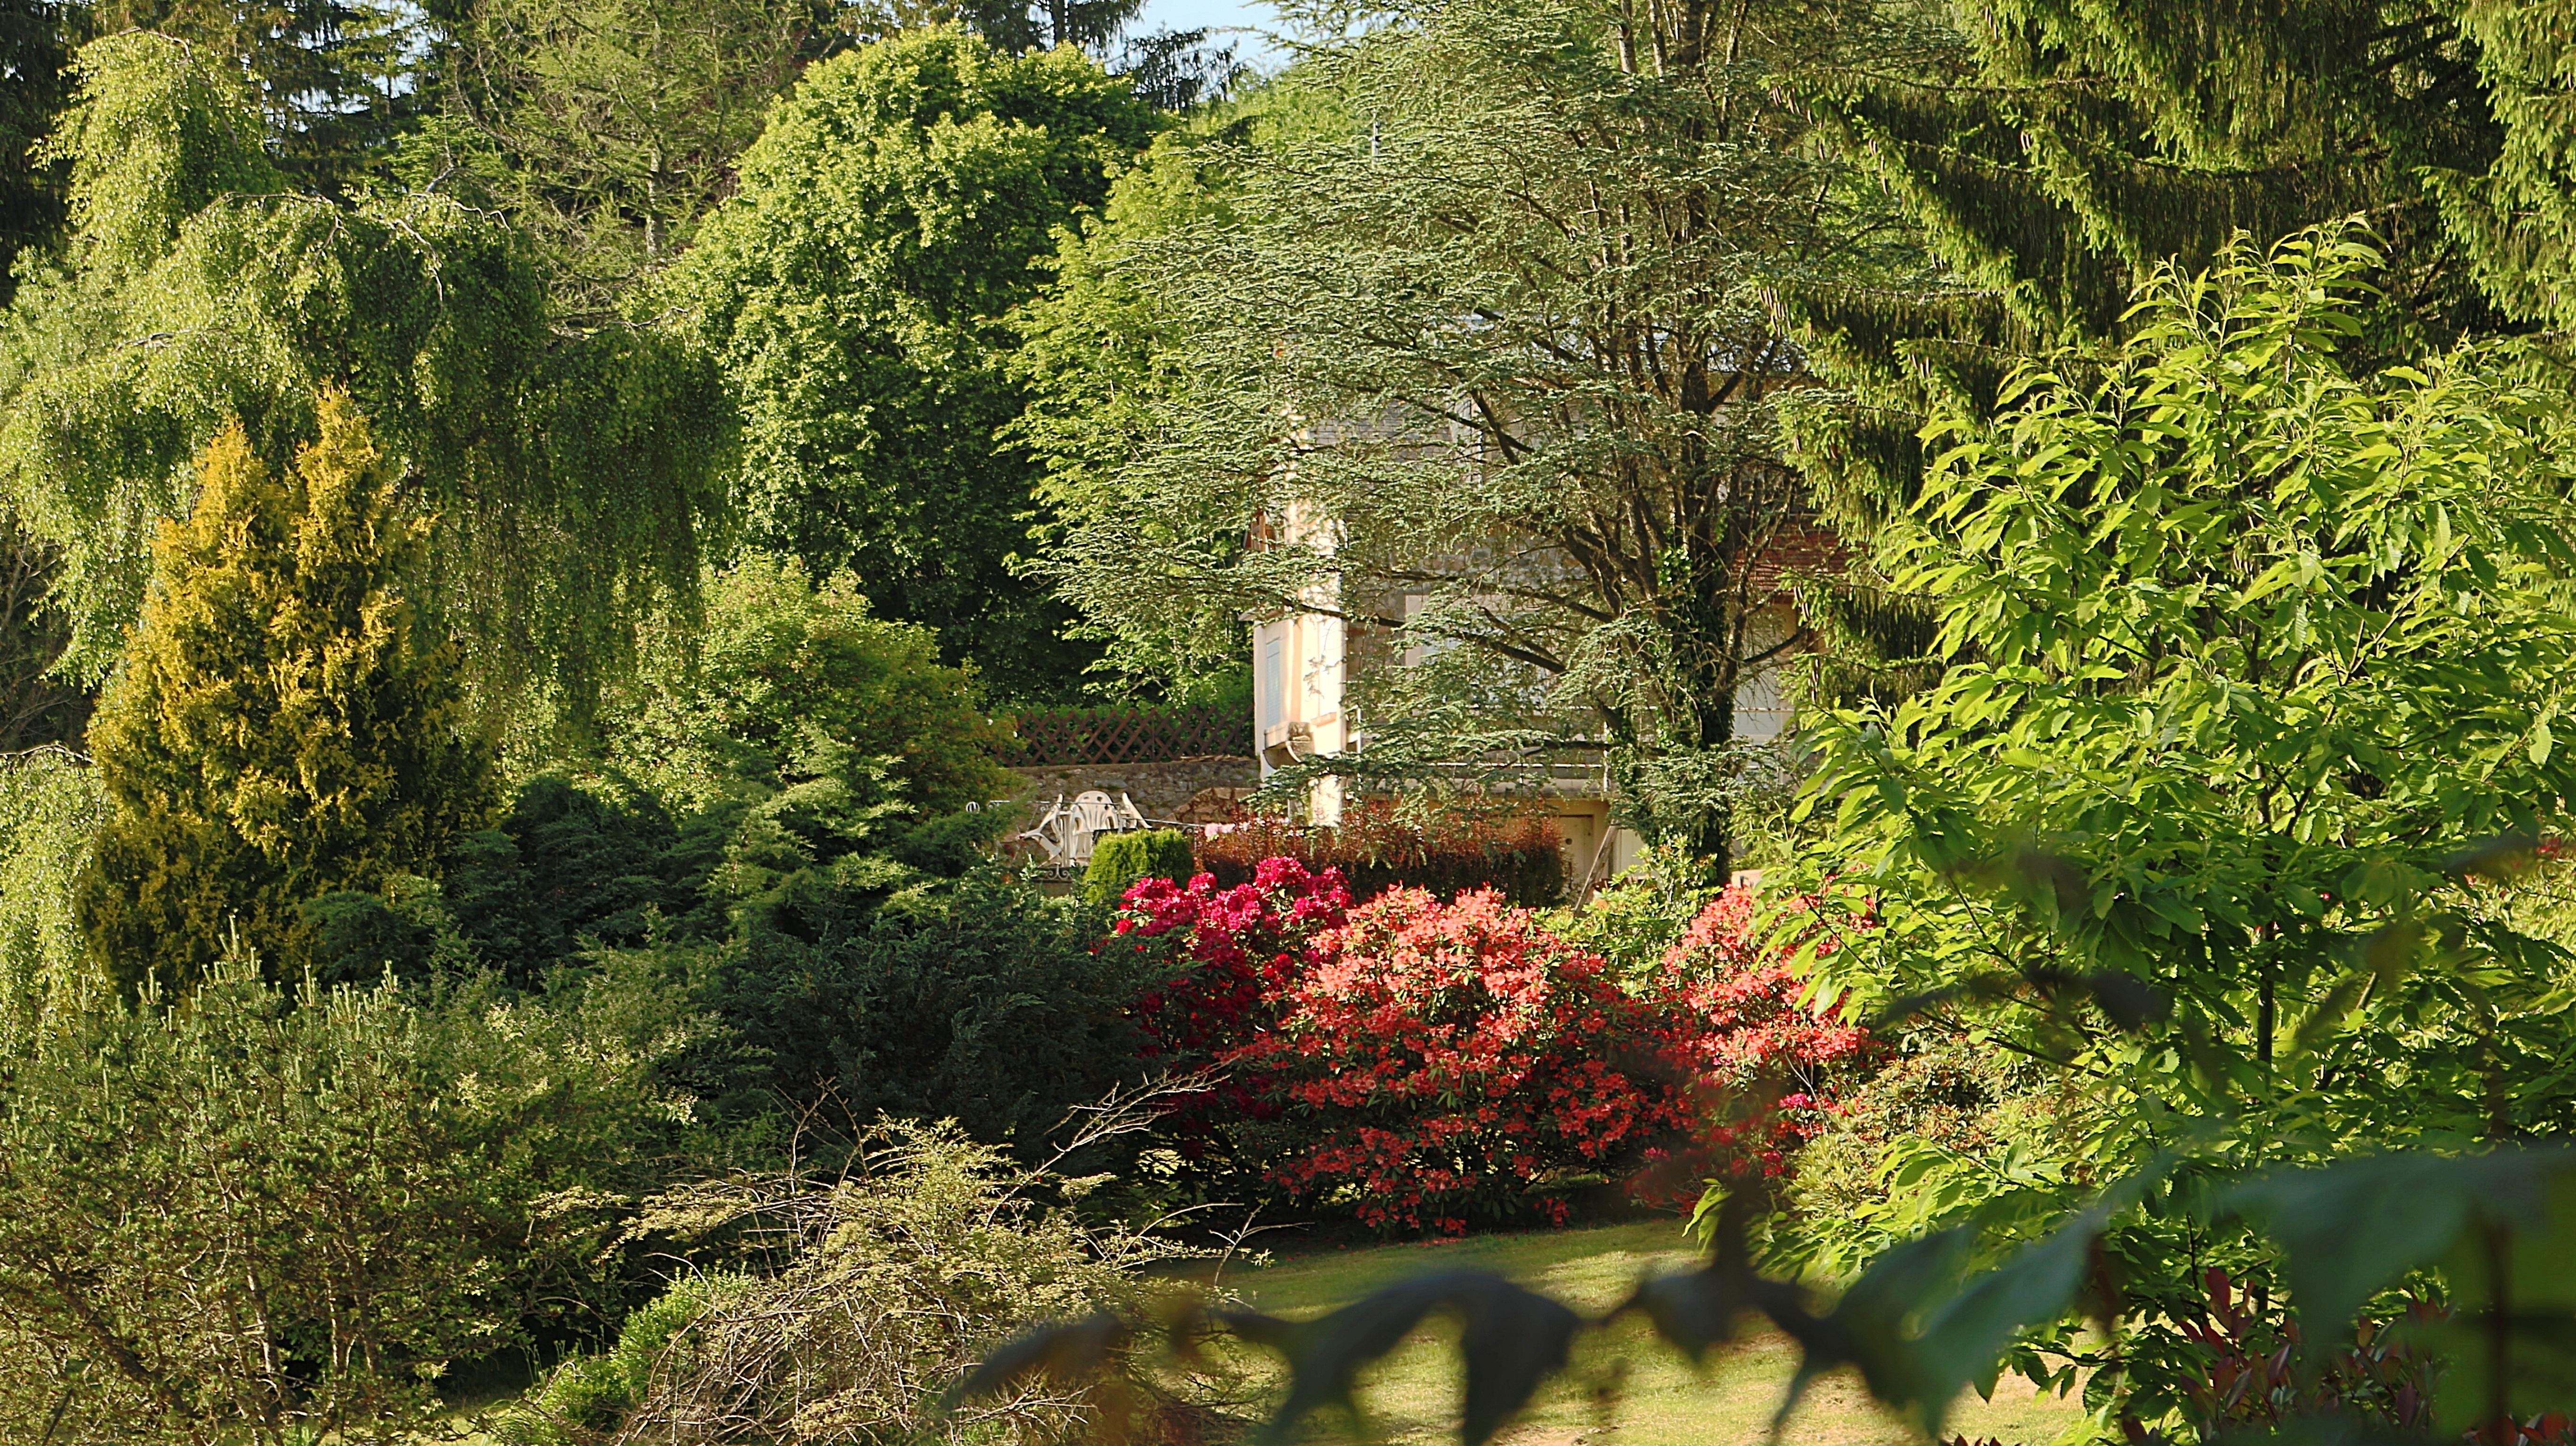 landschaft baum wald pflanze rasen haus blatt blume frankreich herbst hinterhof botanik garten flora bume vegetation - Hinterhof Landschaften Bilder